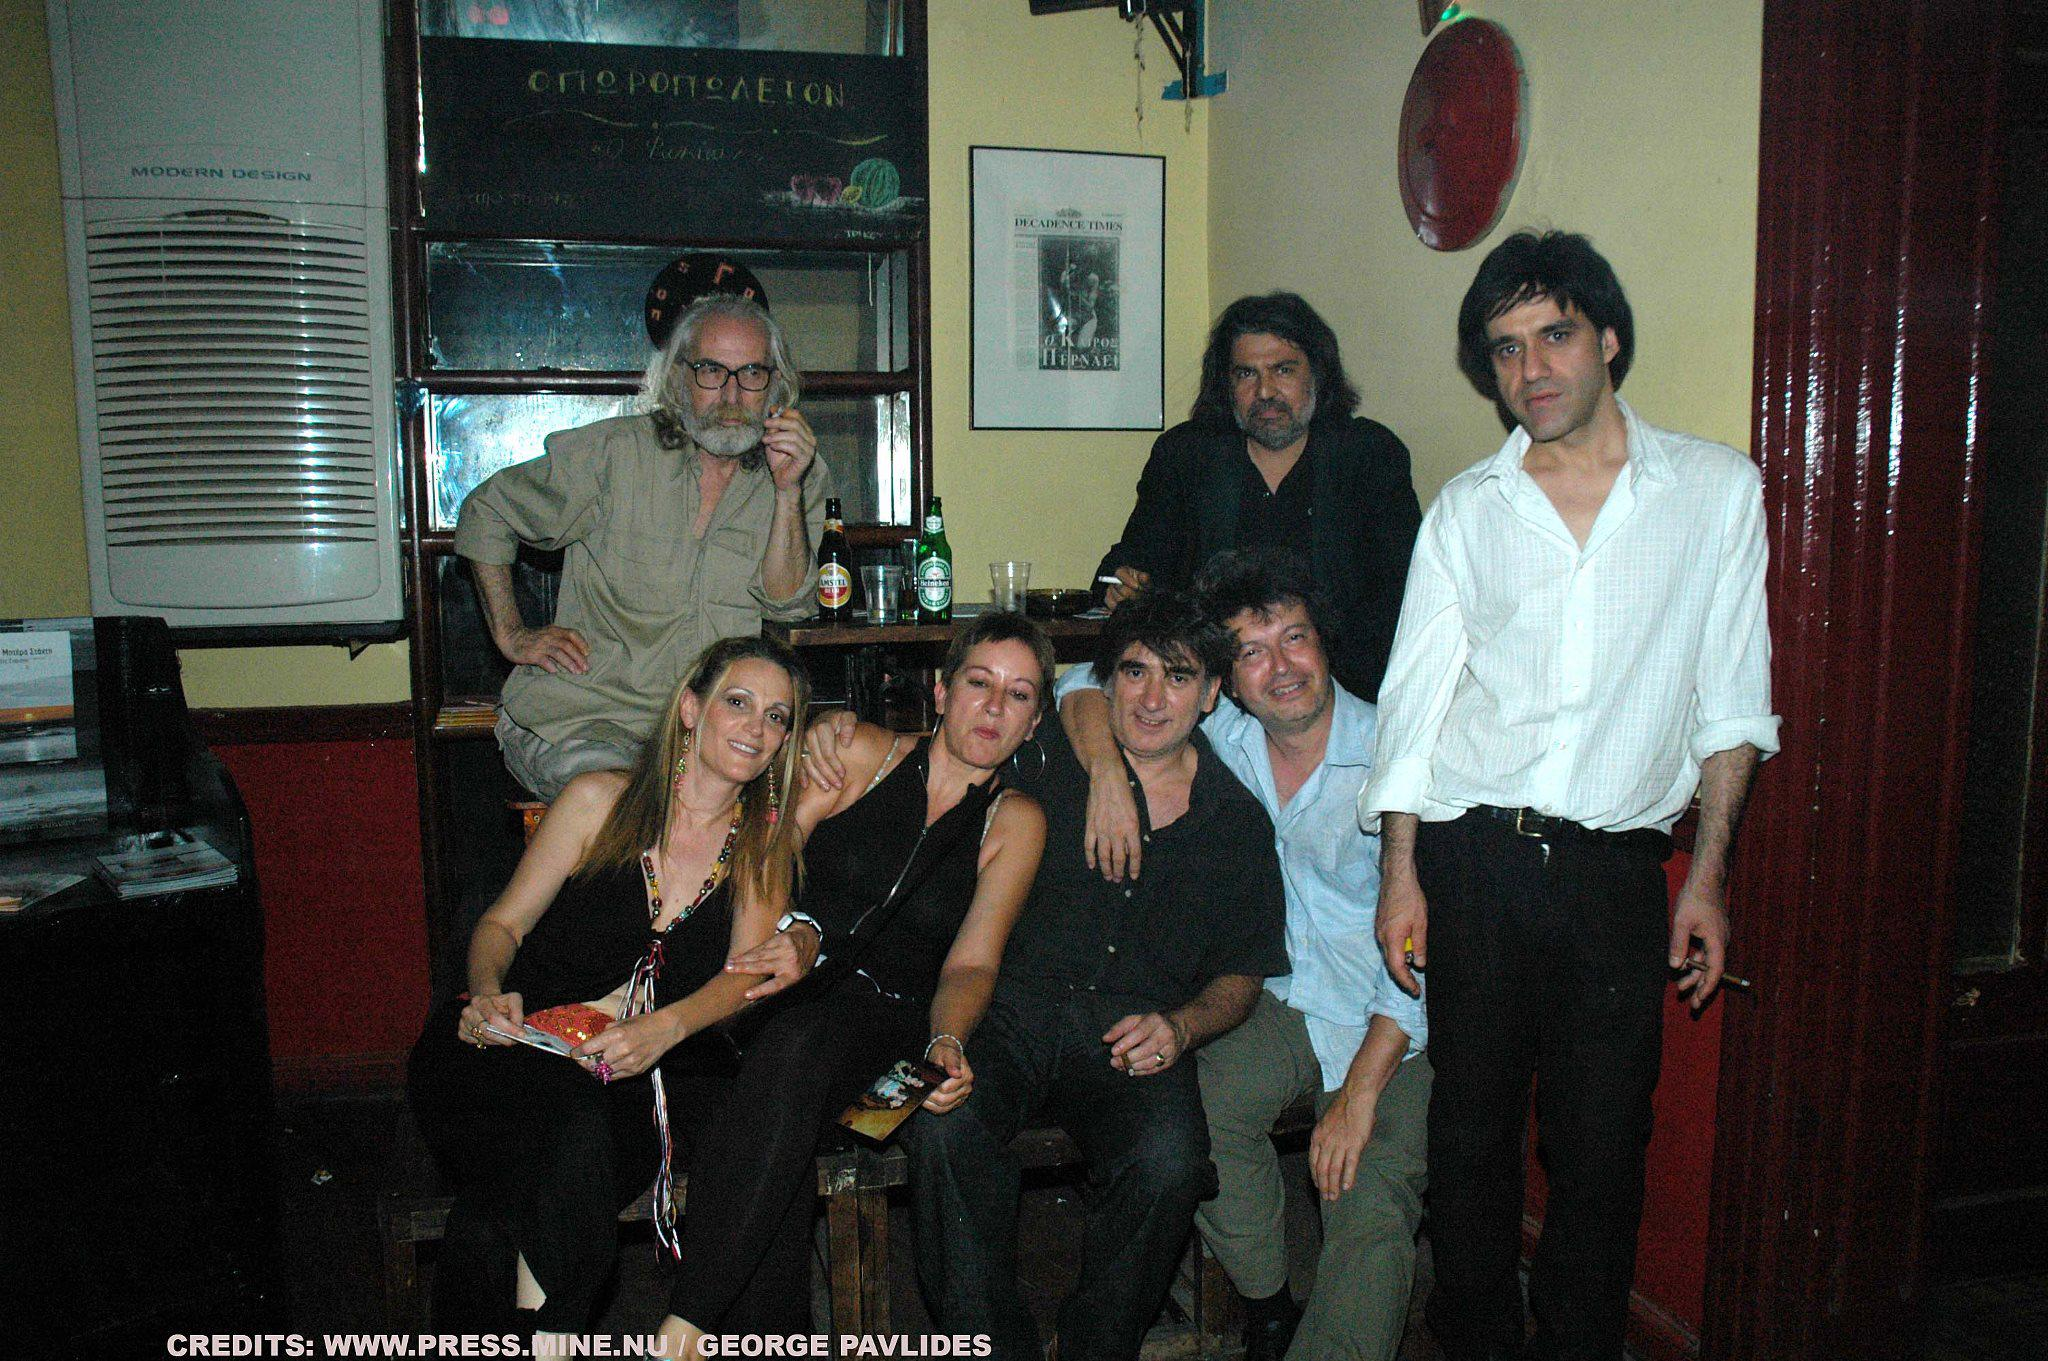 Μαθητές του Decadence. O Πέτρος Τατσόπουλος, ο Γιώργος Σκούρτης, ο Αλέξης Σταμάτης και άλλοι